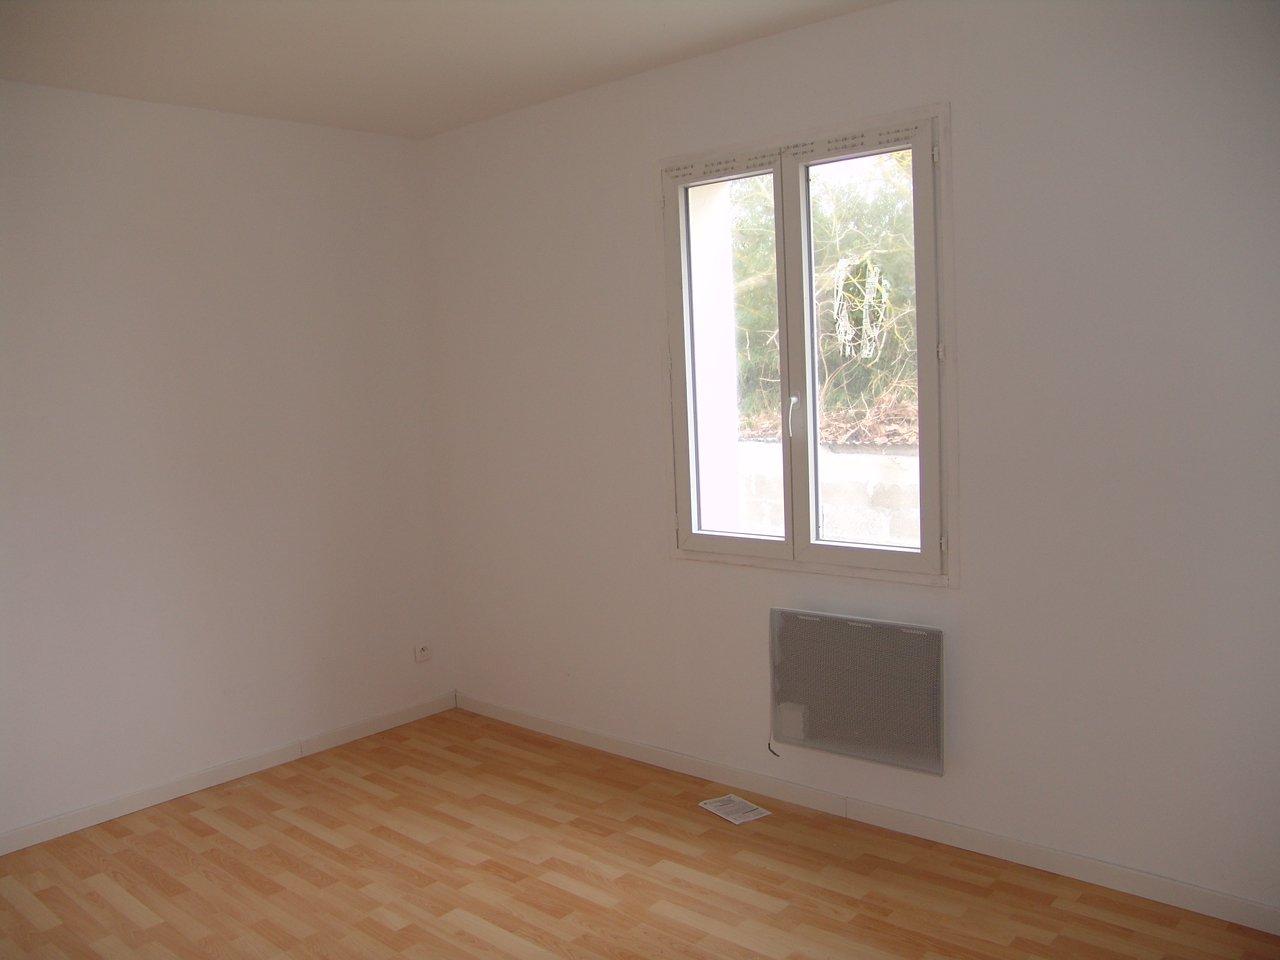 Maison neuve de 95 m²